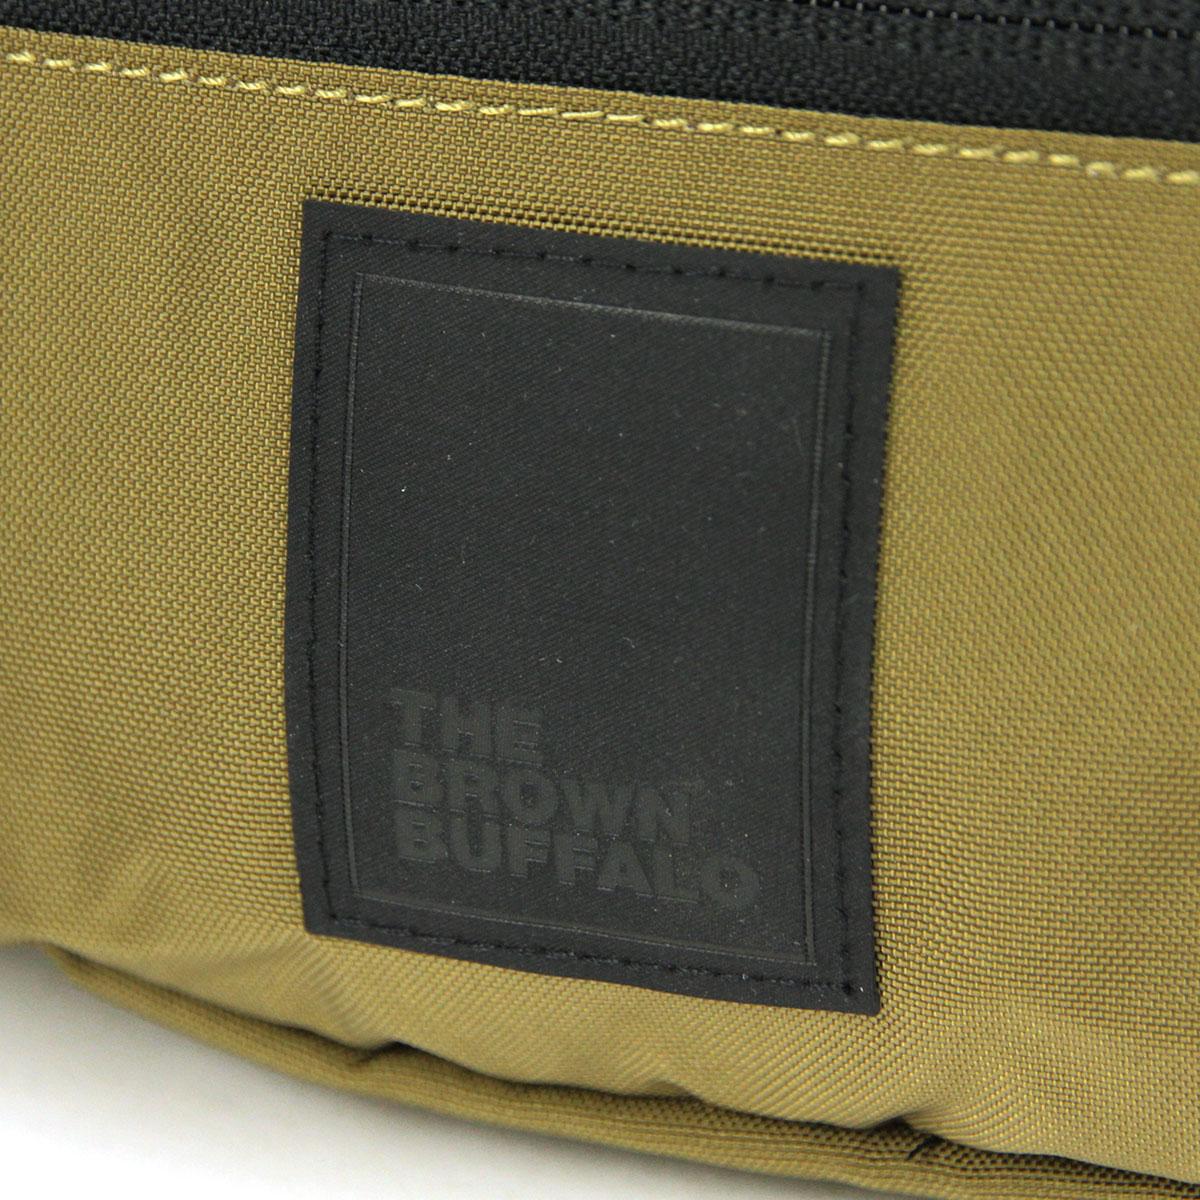 ザ ブラウン バッファロー バッグ メンズ レディース 正規販売店 THE BROWN BUFFALO ショルダーバッグ ボディバッグ BEYONDSLING COYOTE F18BS420DCOY3 AA7B B3C C8D D4E E05F